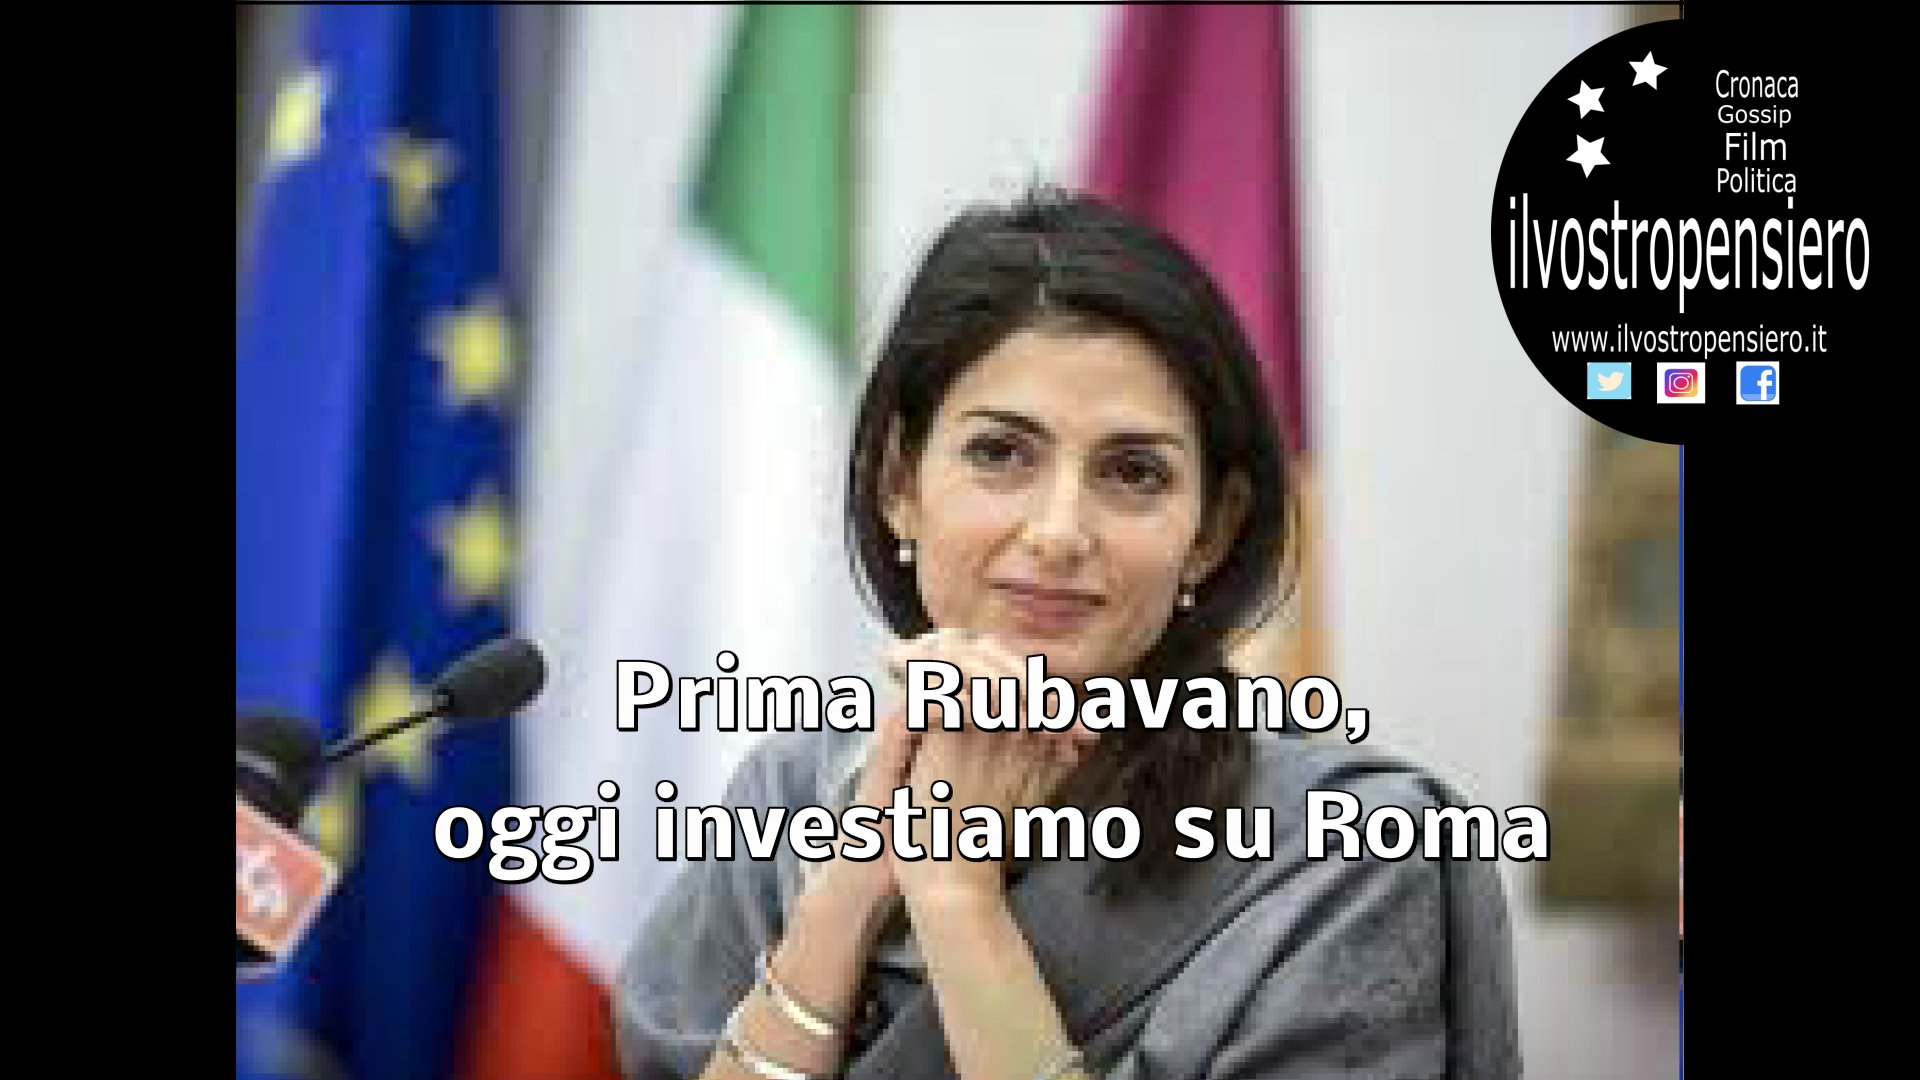 Virginia Raggi: Prima rubavano,oggi investiamo soldi per Roma (video)